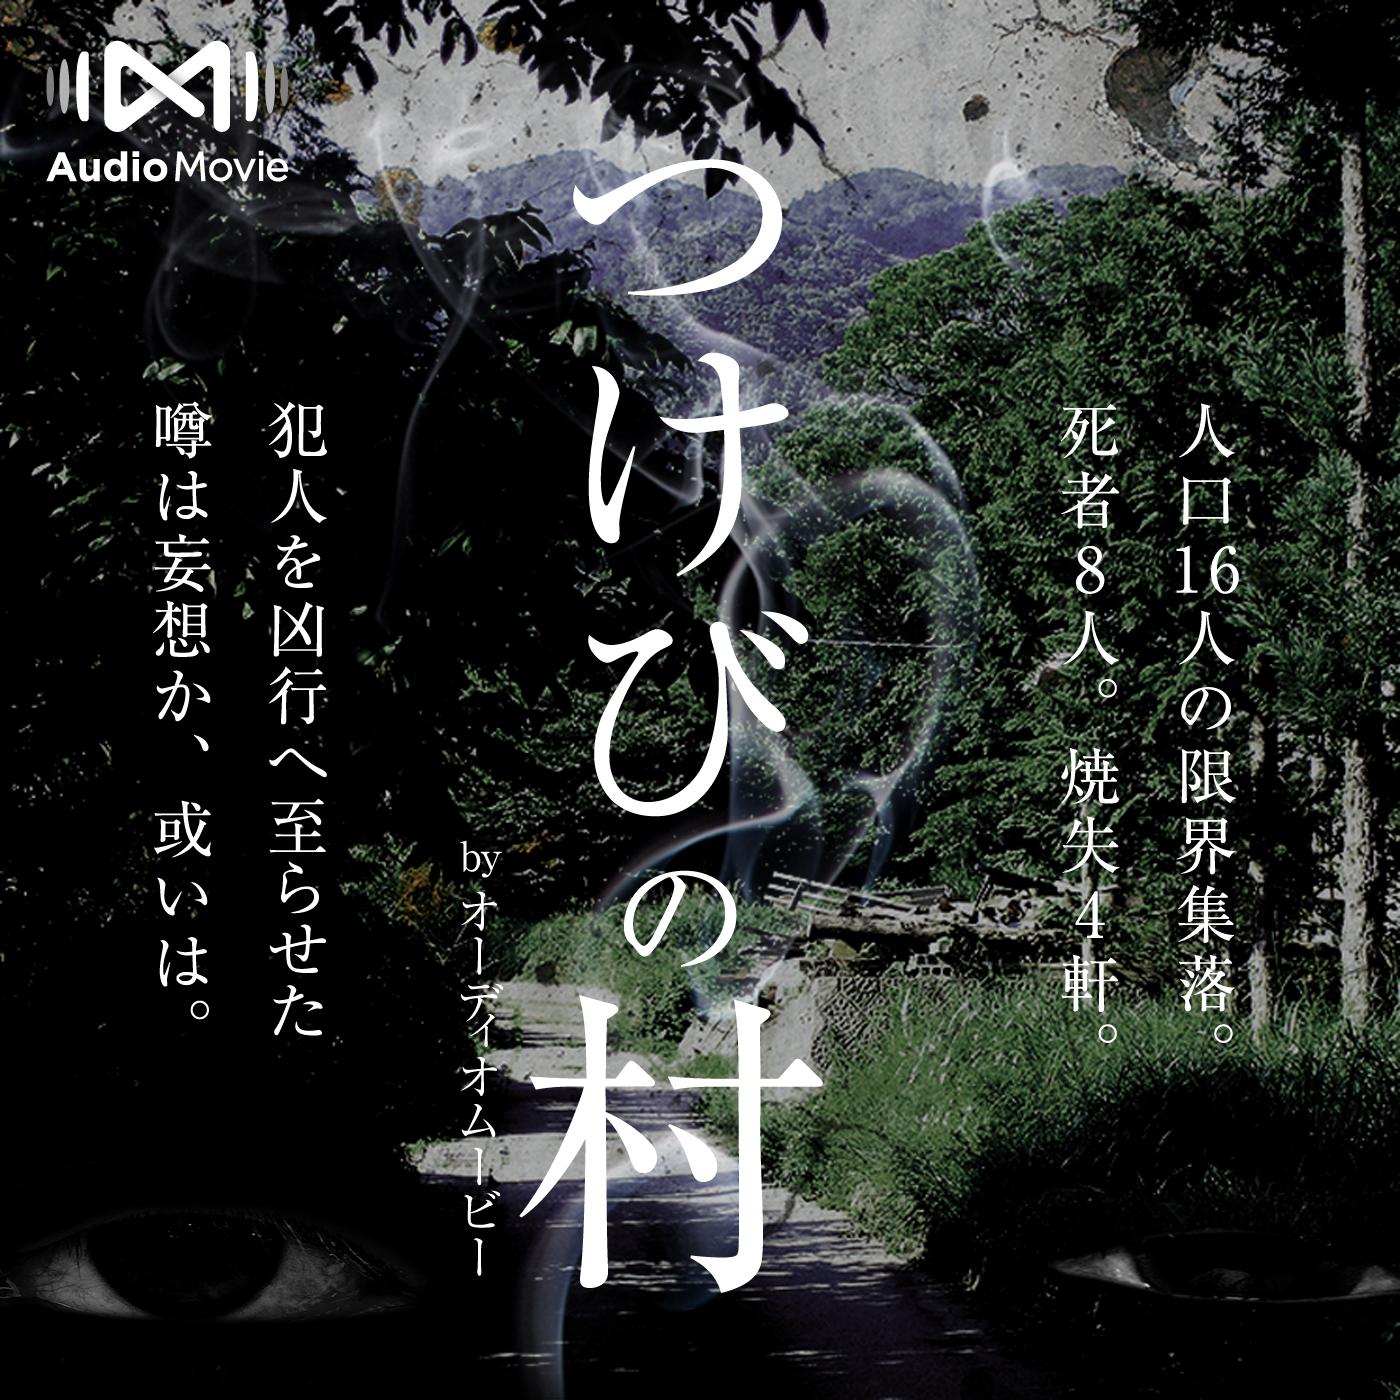 つけびの村 by AudioMovie™